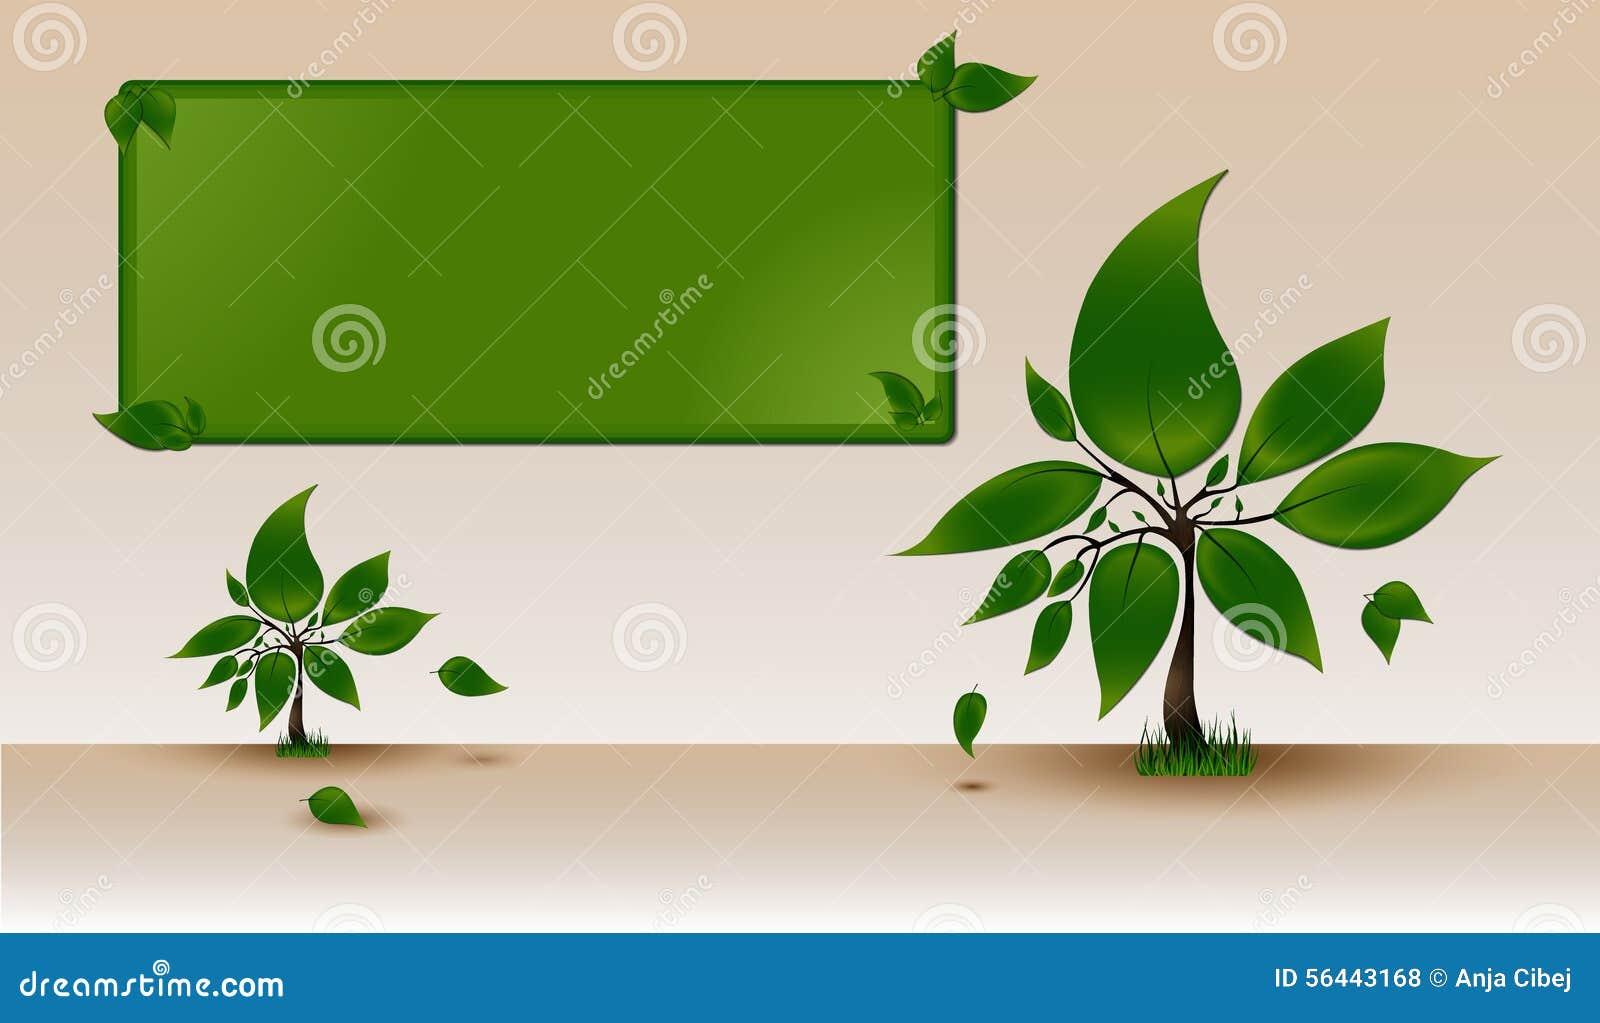 Plantilla Para El Texto Con Los árboles Verdes Stock de ilustración ...